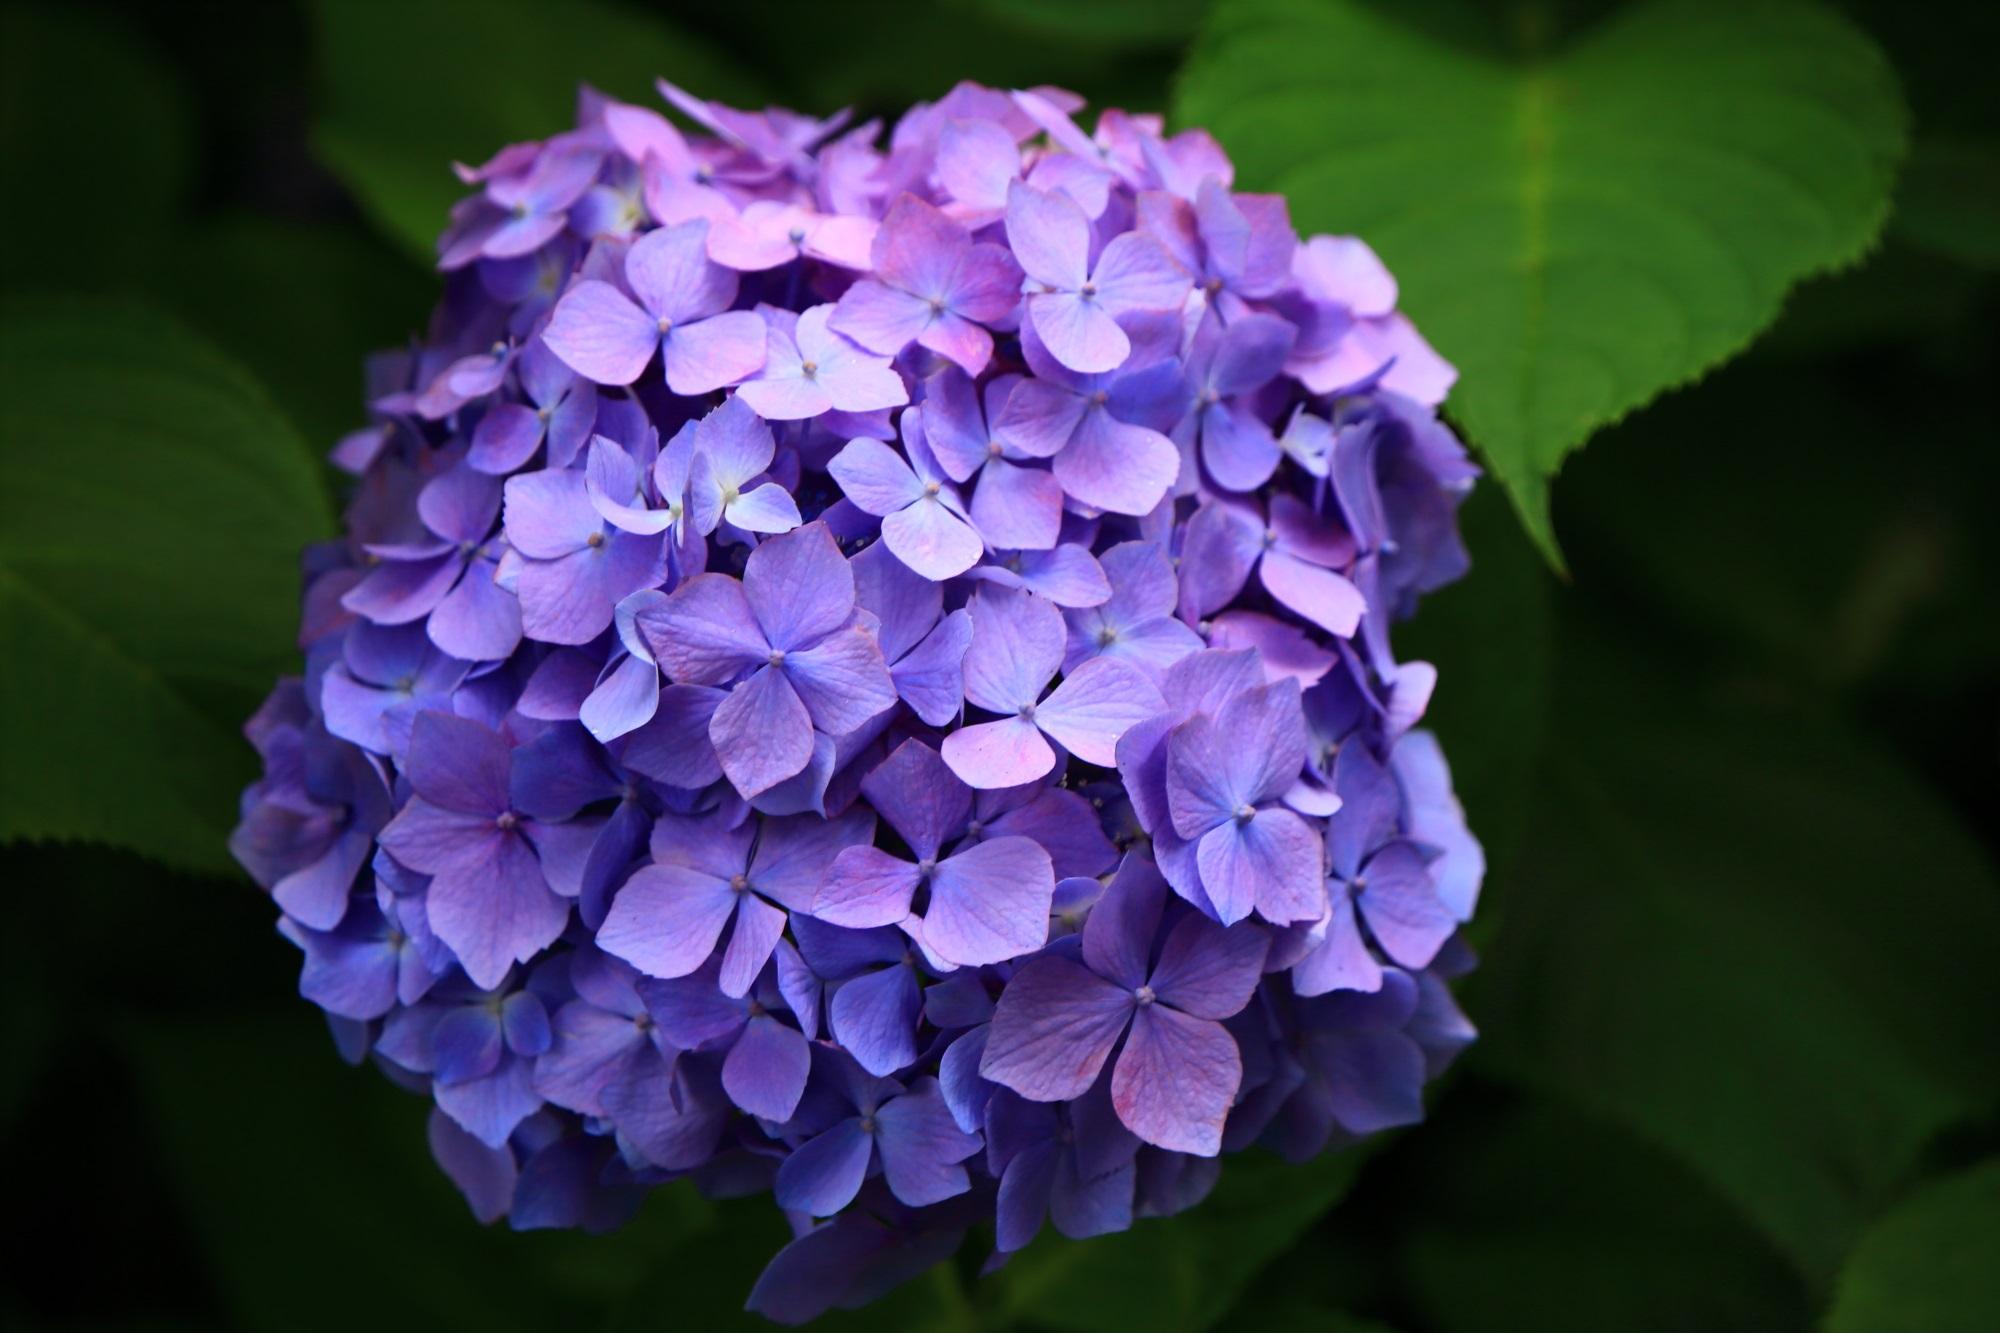 三室戸寺の妖艶で華やかな紫の紫陽花